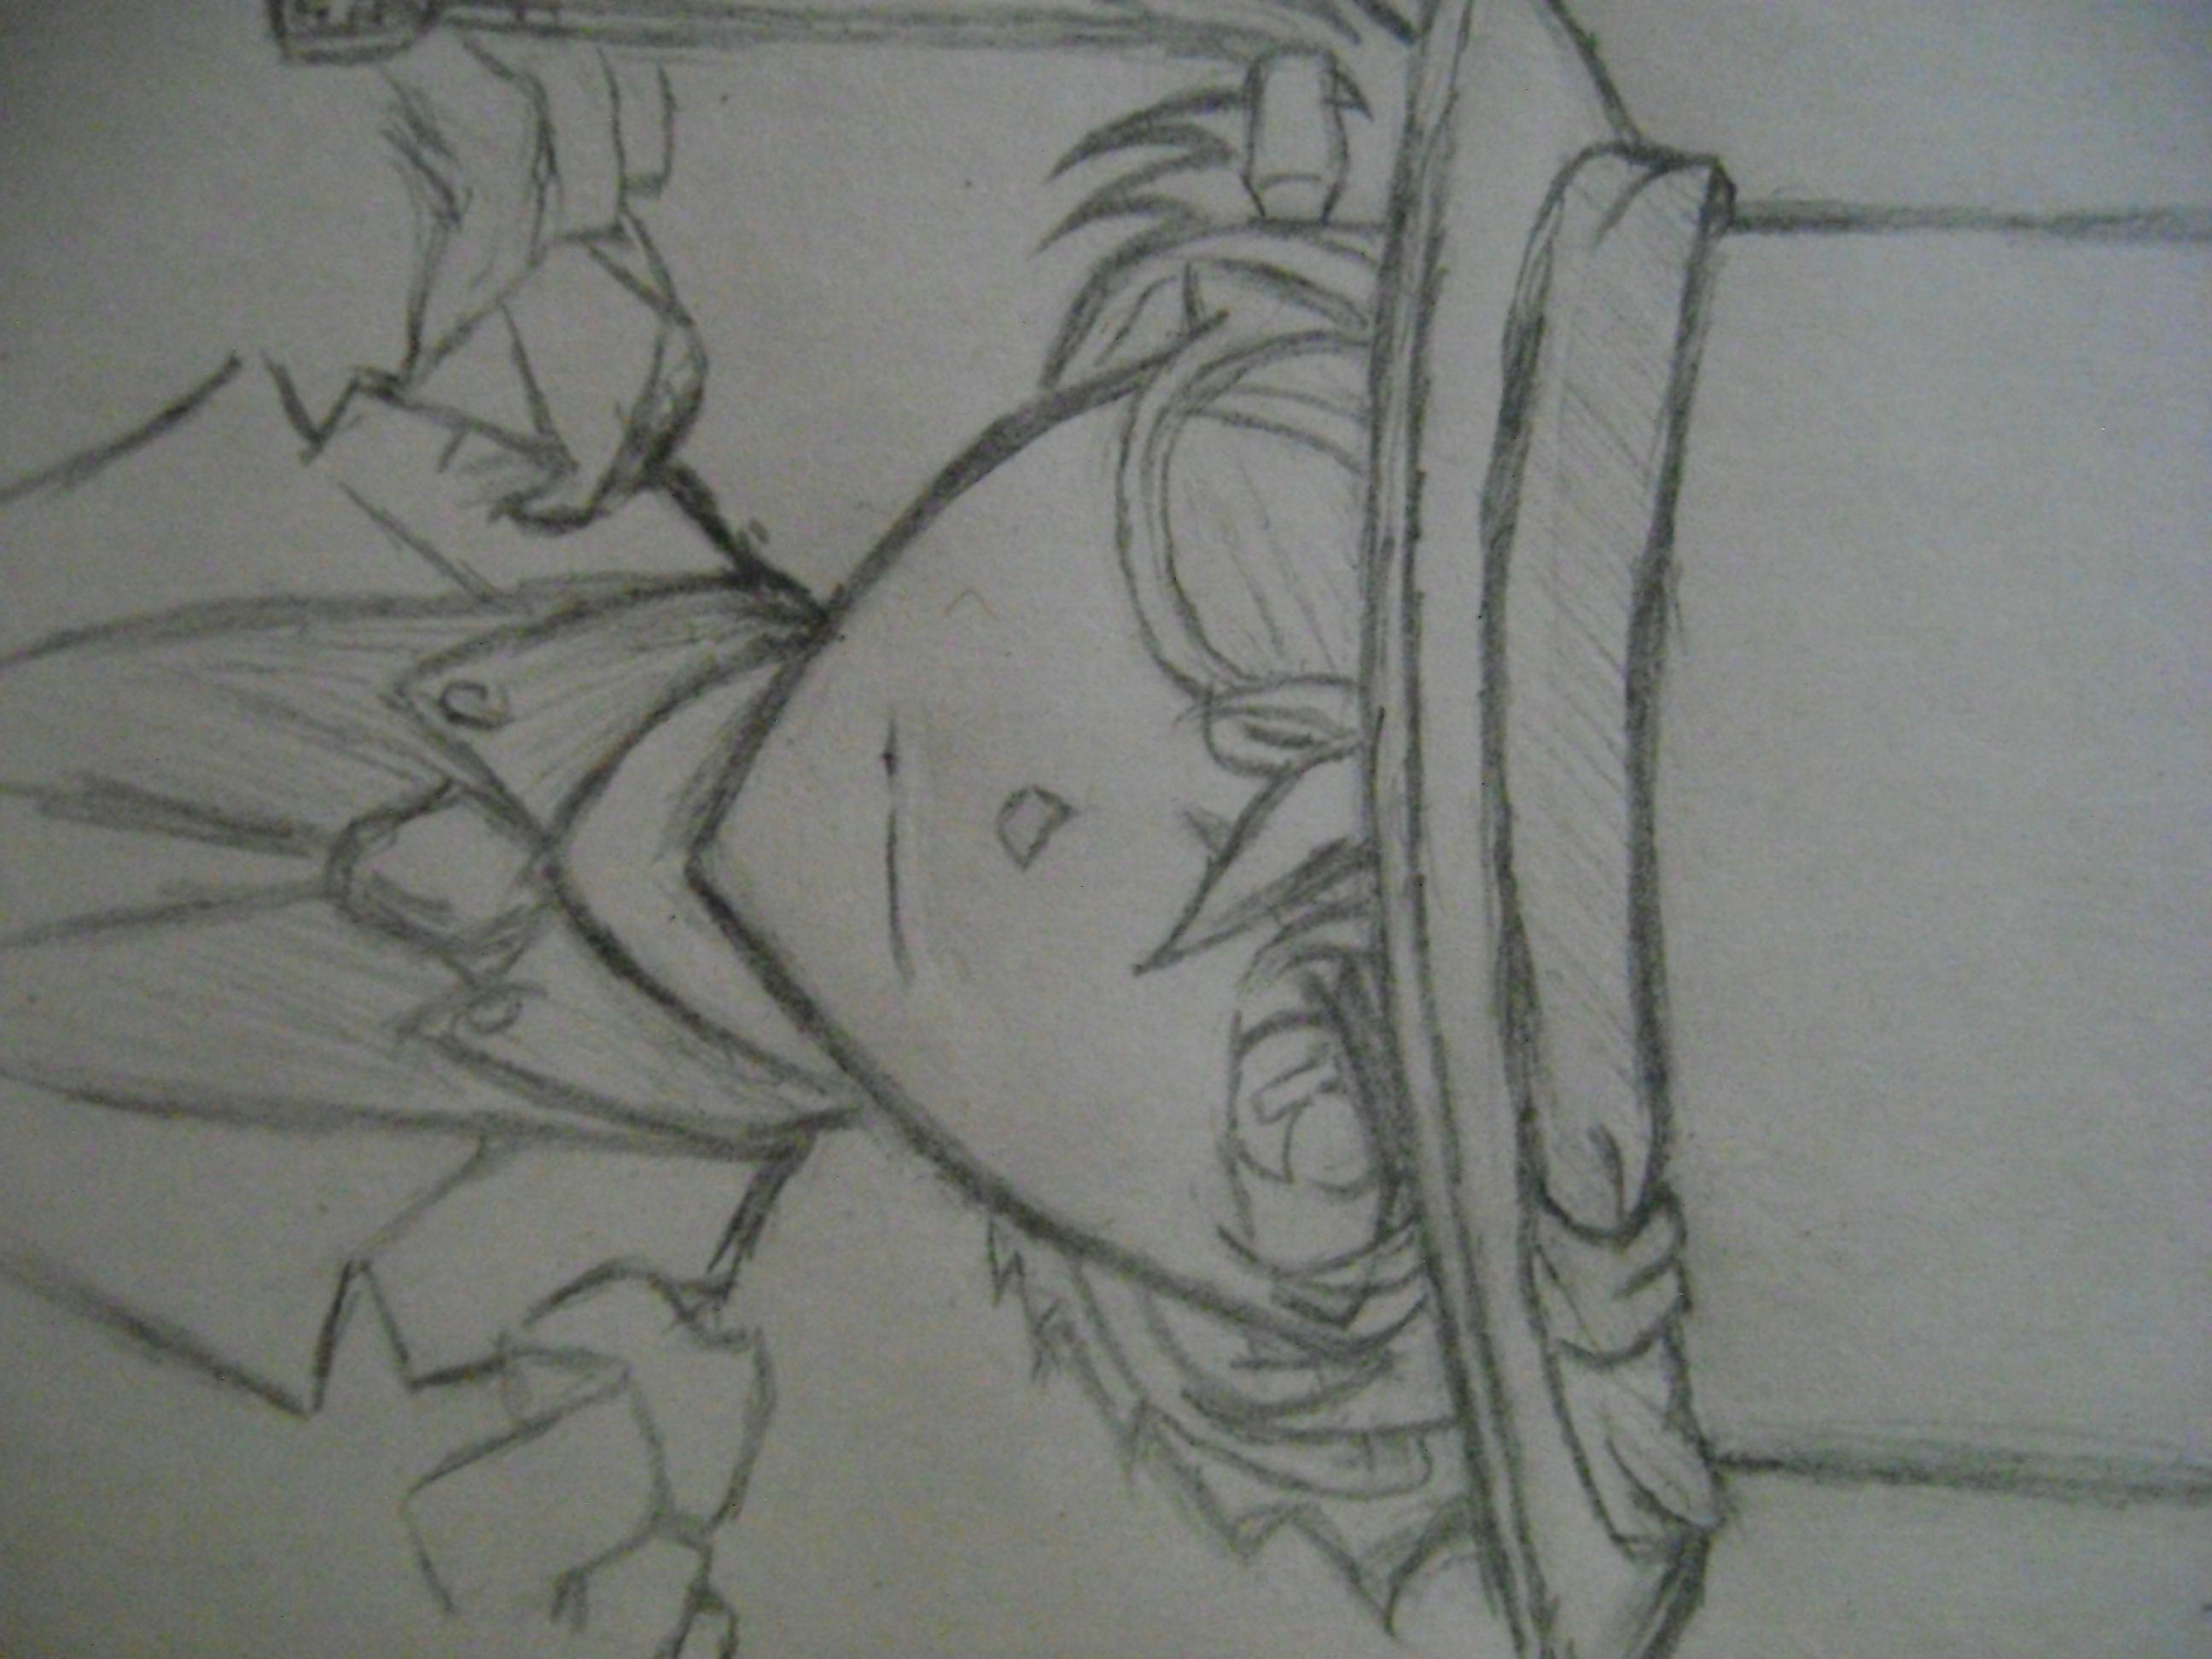 我自己画的基德